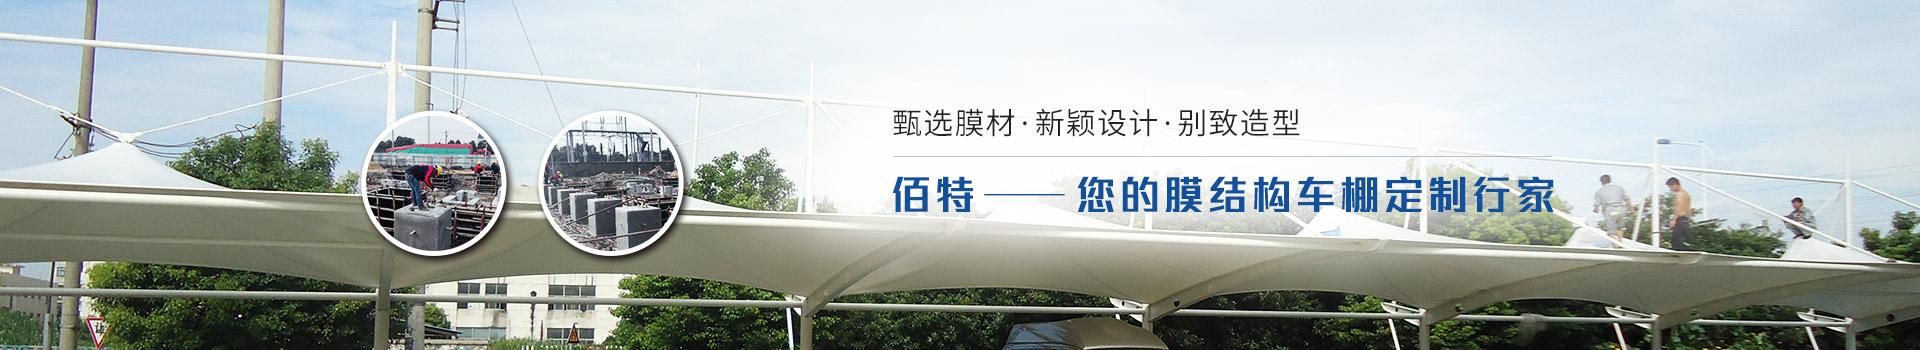 甄选膜材  新颖设计  别致造型   佰特—您的膜结构车棚定制行家